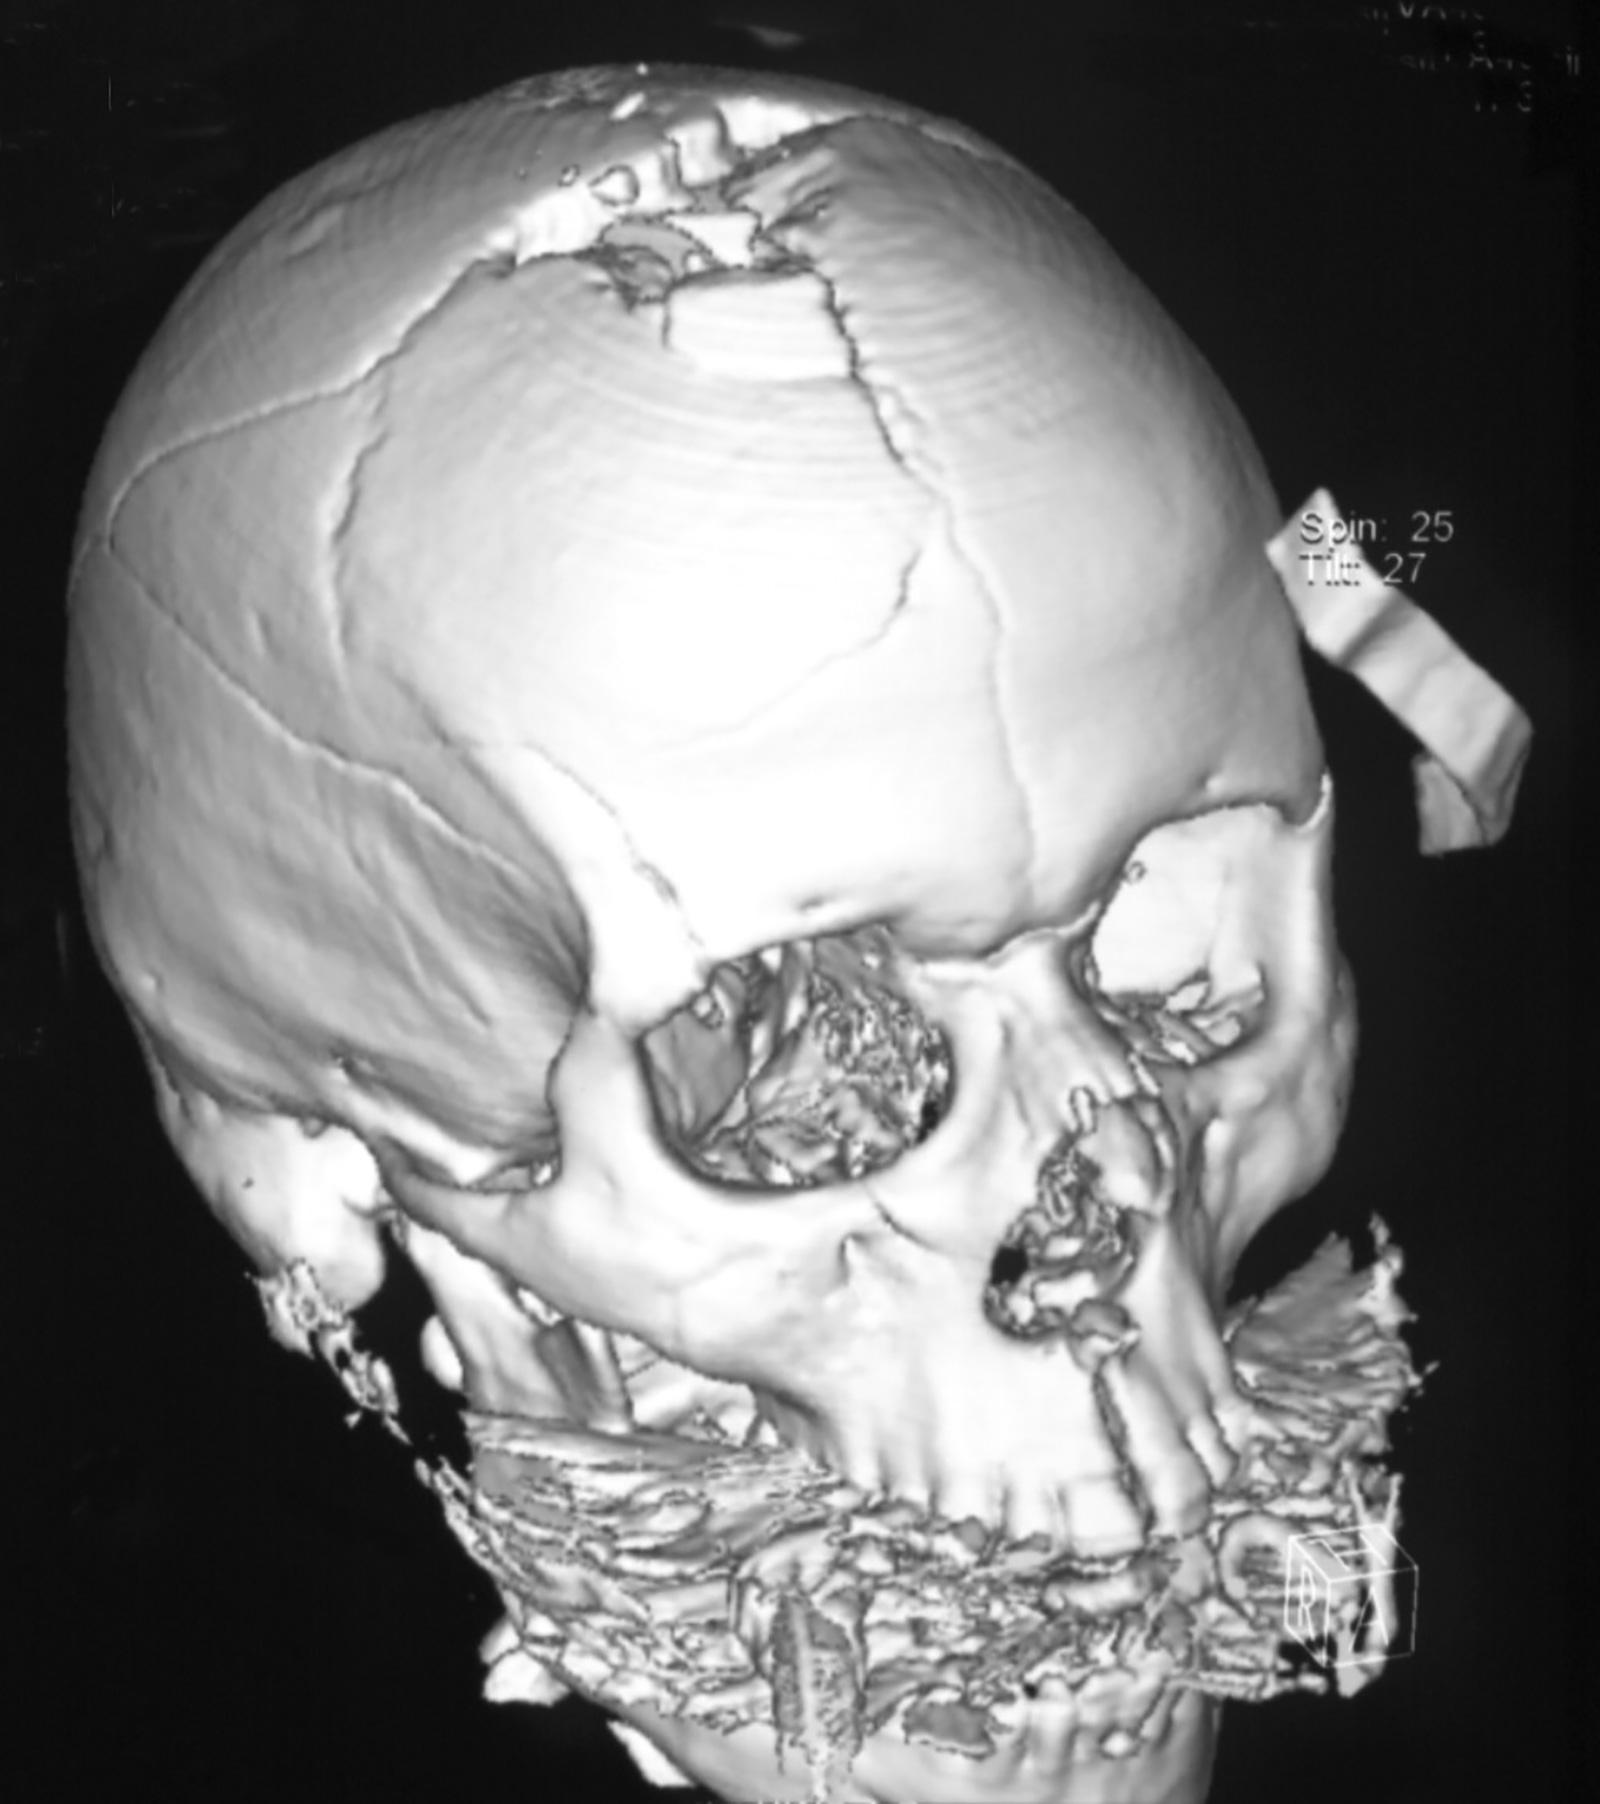 Abb. 3-1: Kopfschussverletzung mit hochparietalem Projektilaustritt